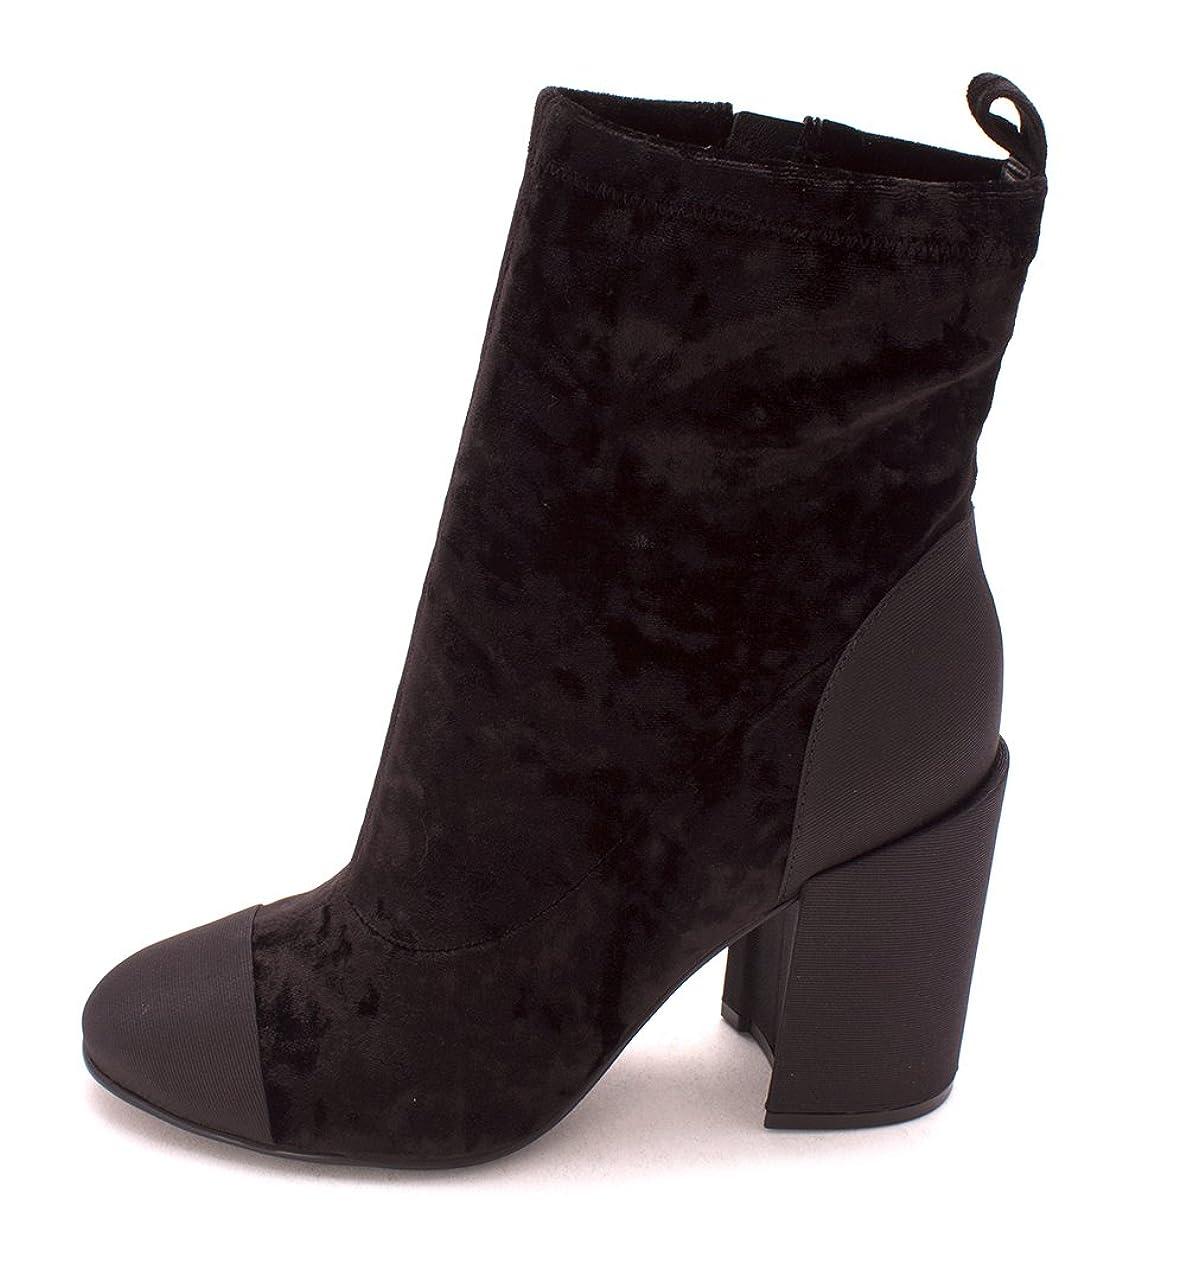 複数略す物足りないMarc Fisher Womens tache Cap Toe Fashion Boots, Black, Size 7